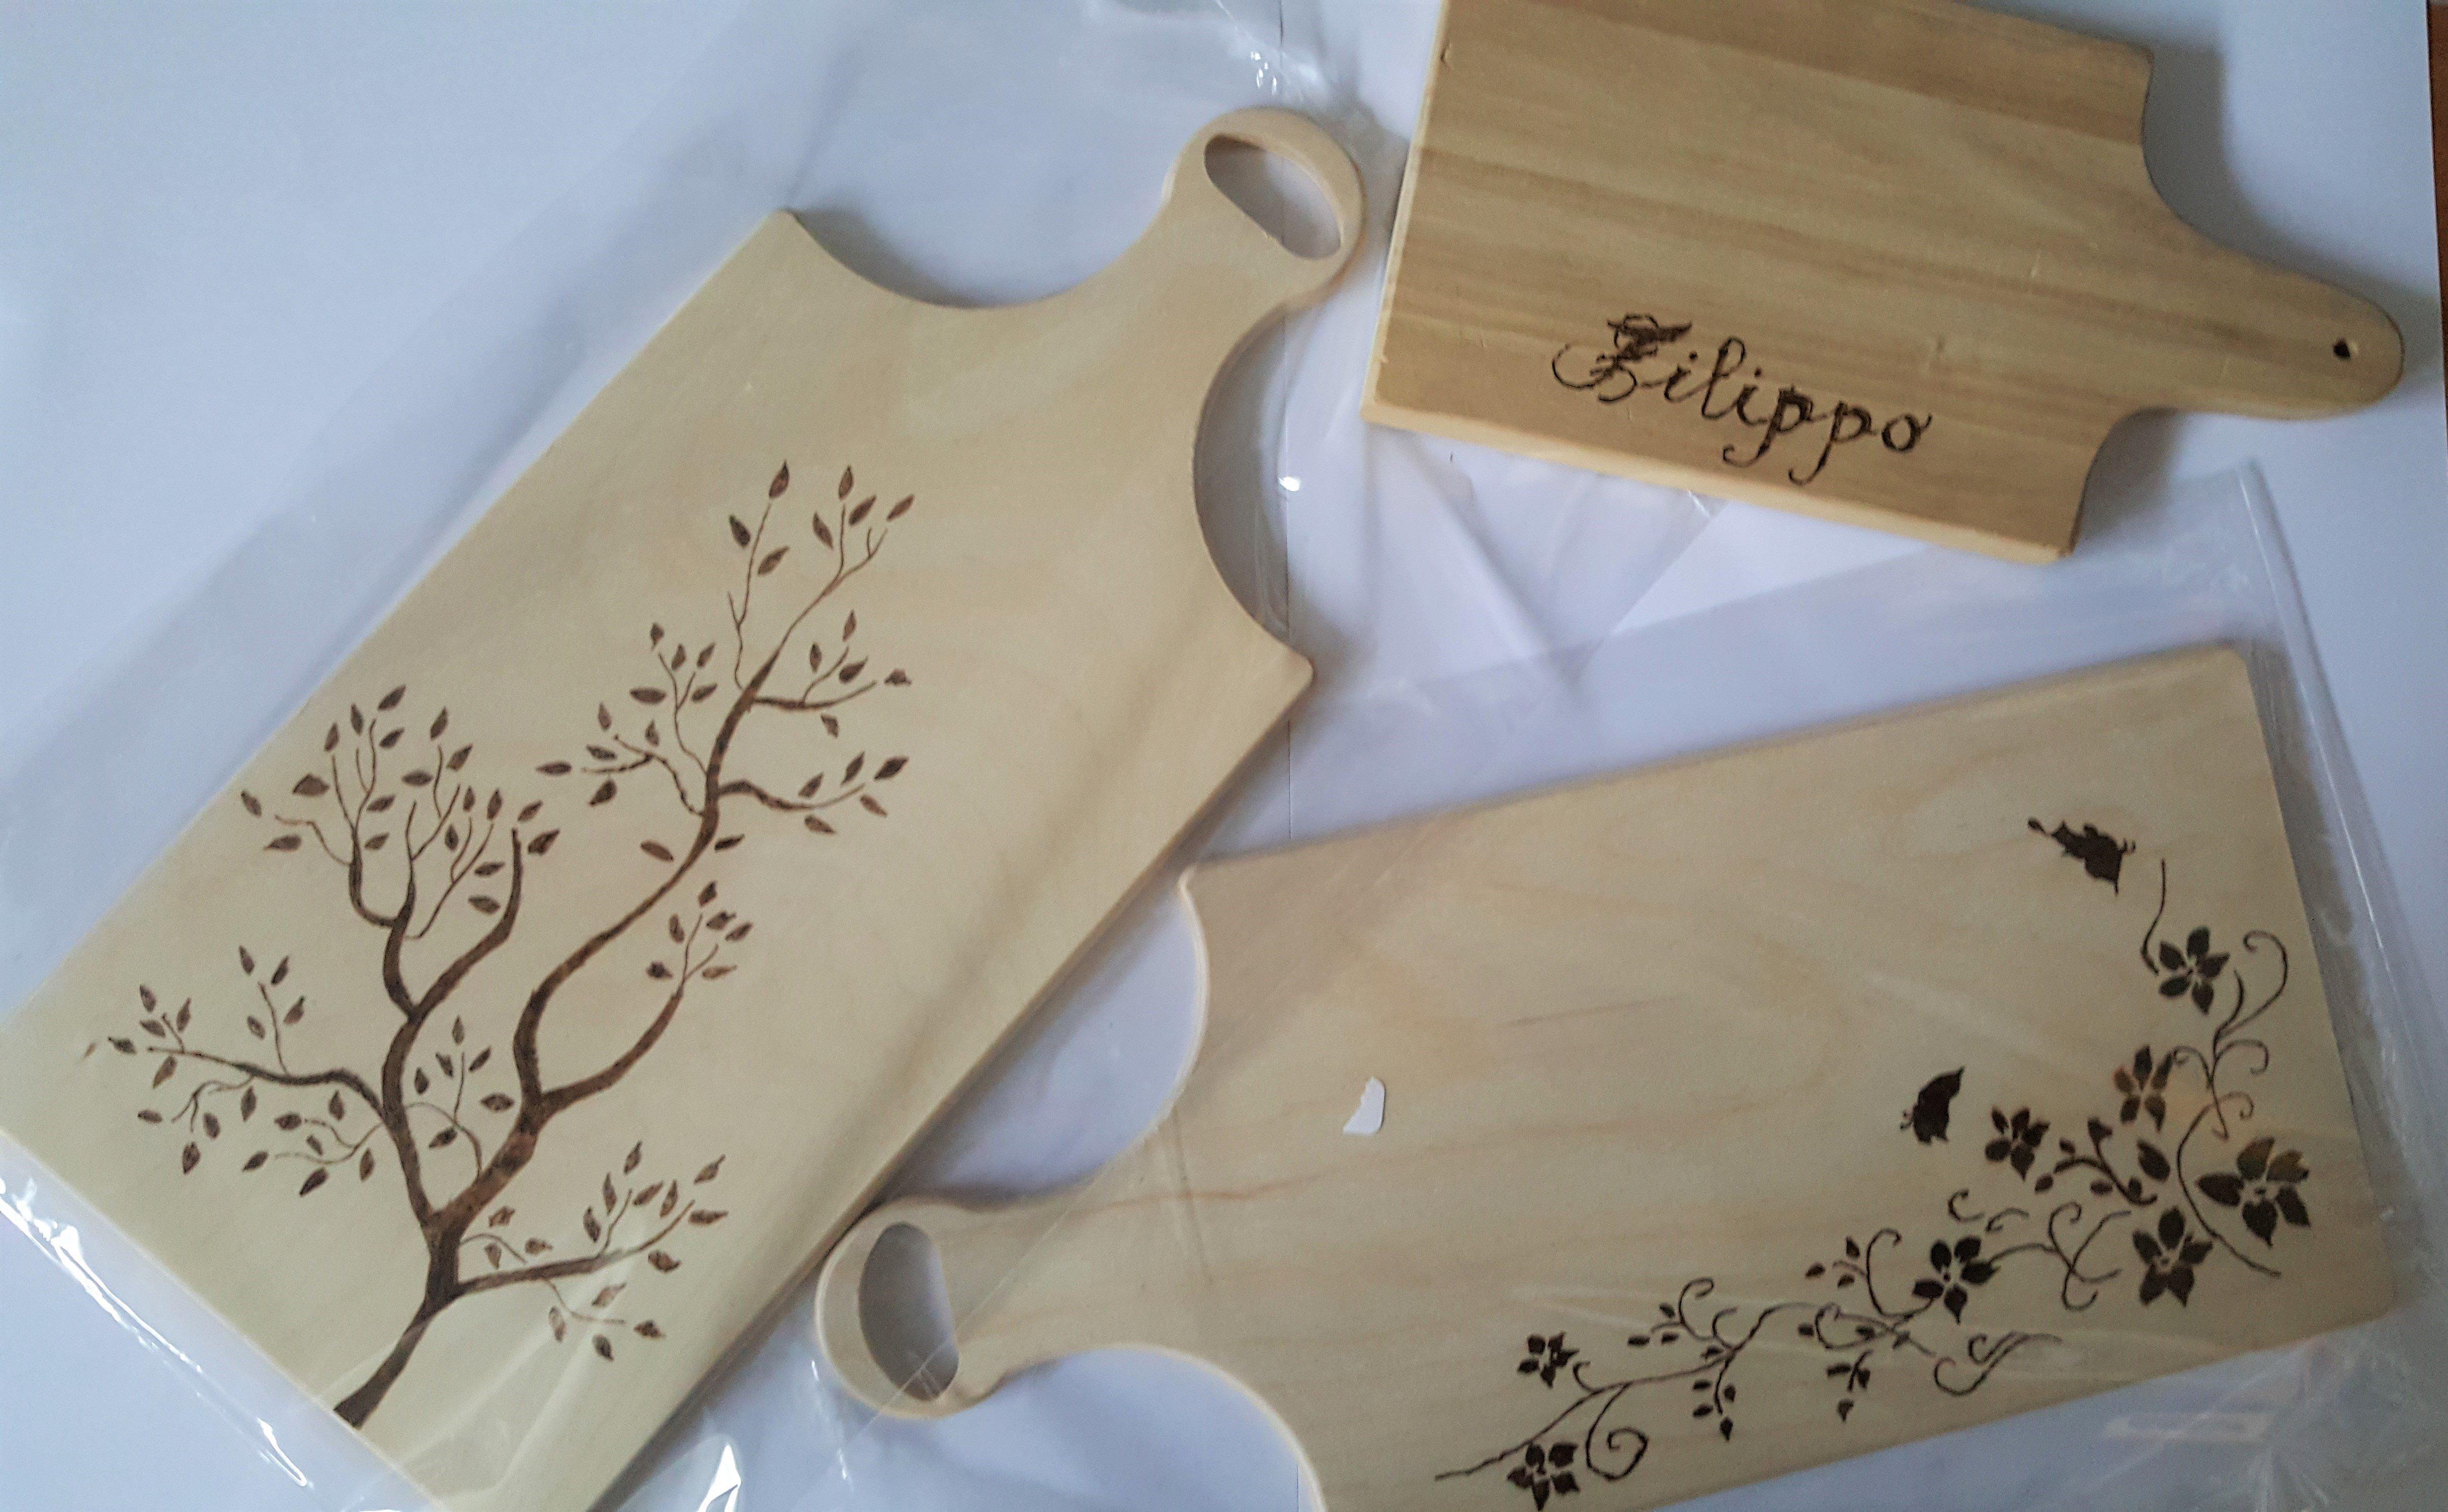 due taglieri con dei fiori disegnati e uno con scritto Filippo